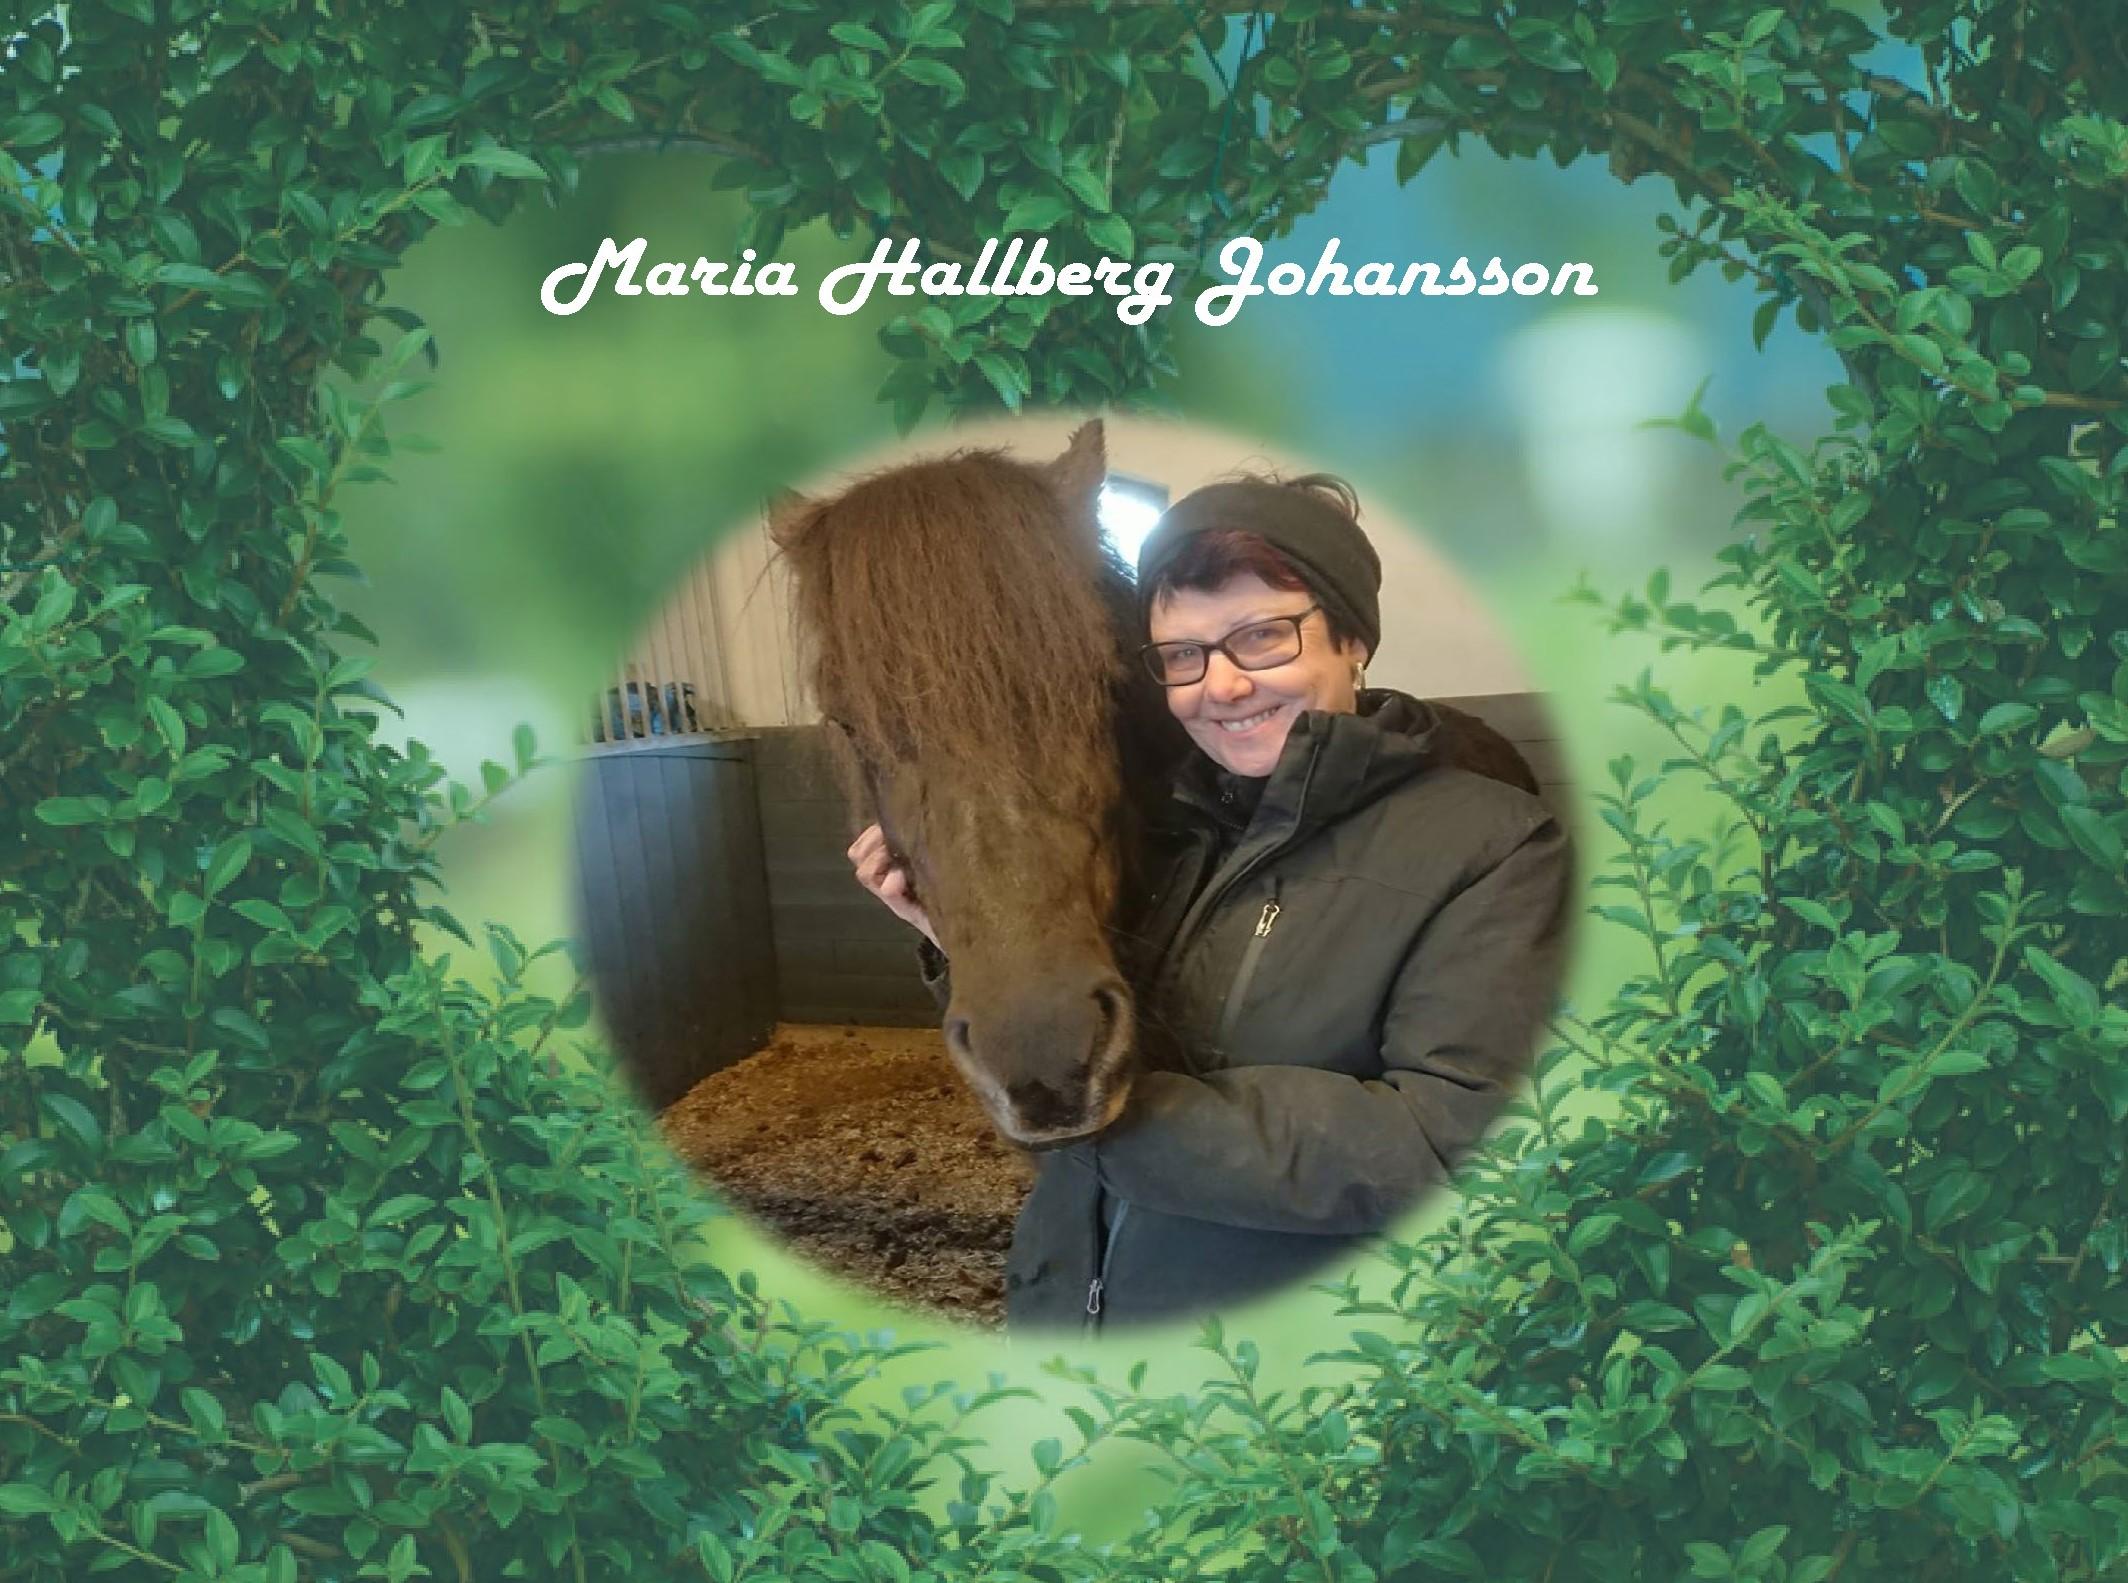 Maria Hallberg Johansson